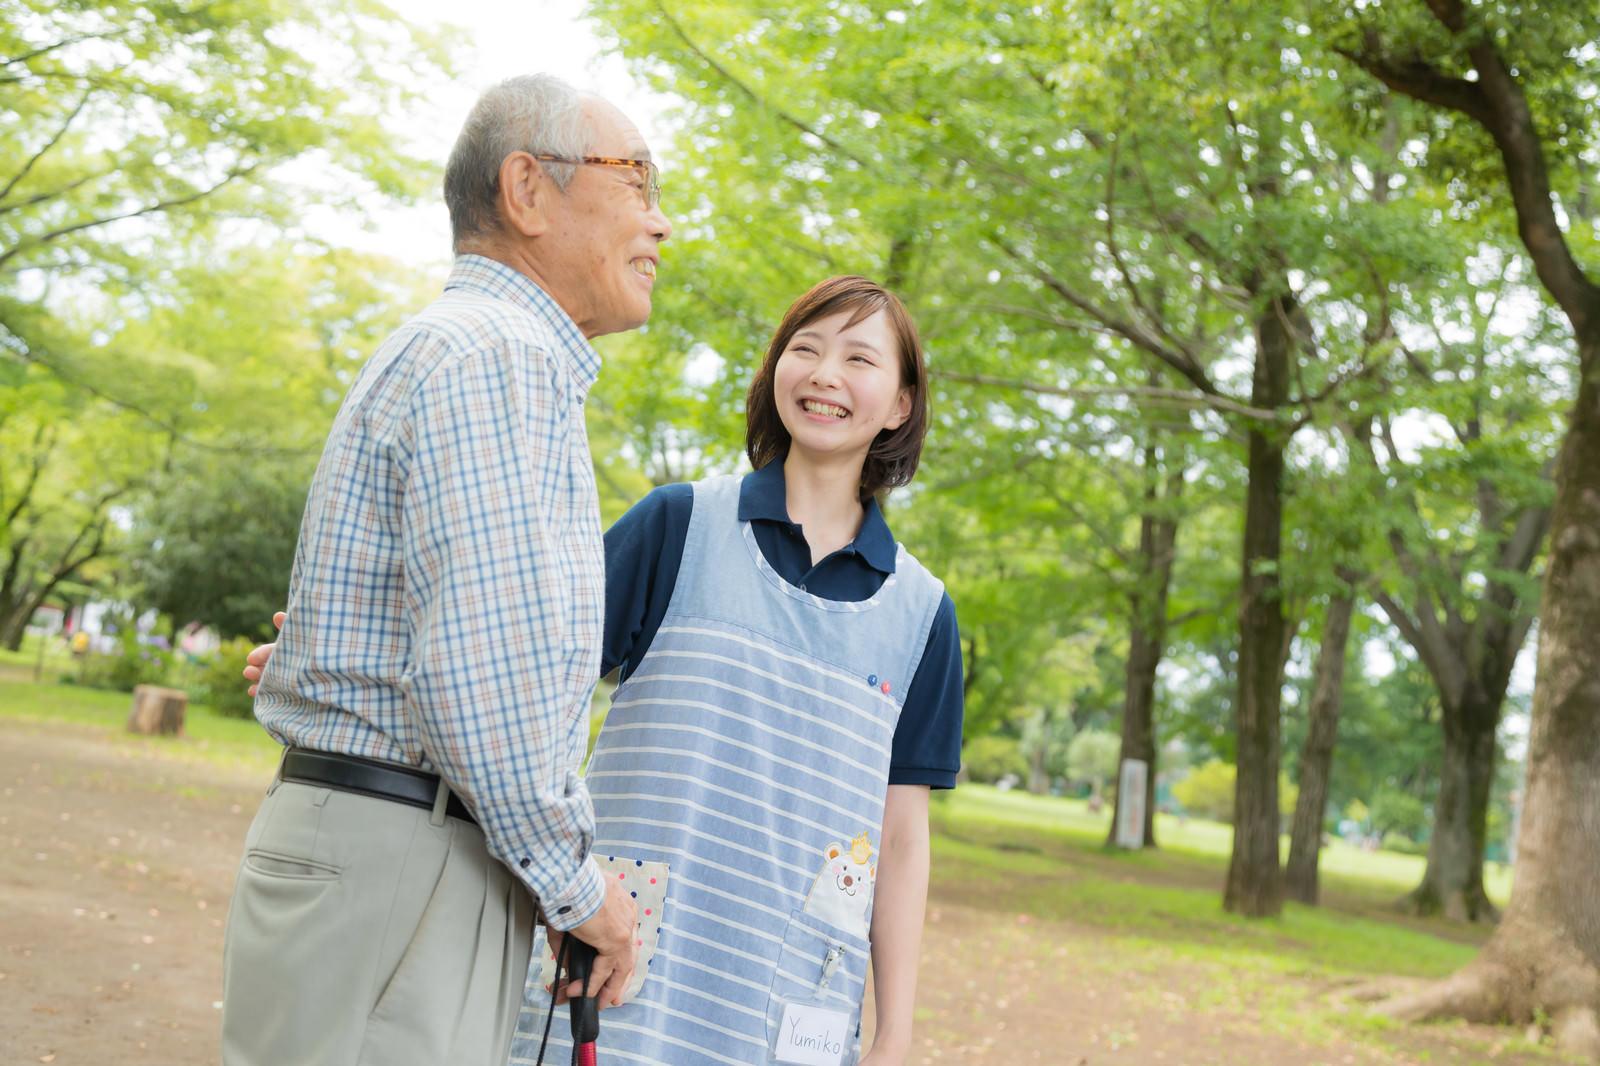 「高齢者の男性と公園散歩を楽しむ介護士の女性」の写真[モデル:まーちゃん yumiko]